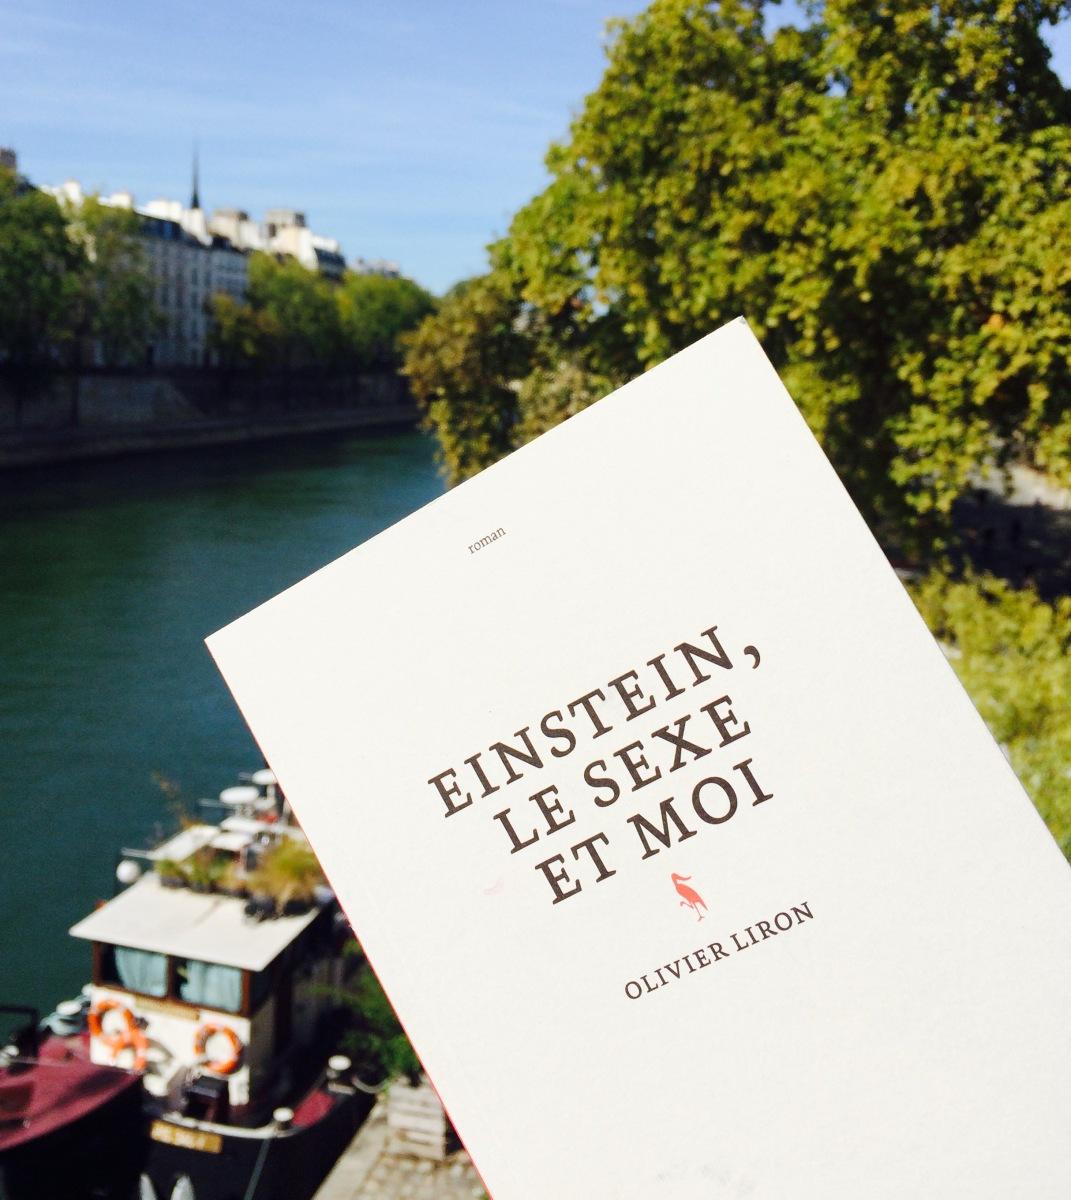 Einstein, le sexe et moi, Olivier Liron